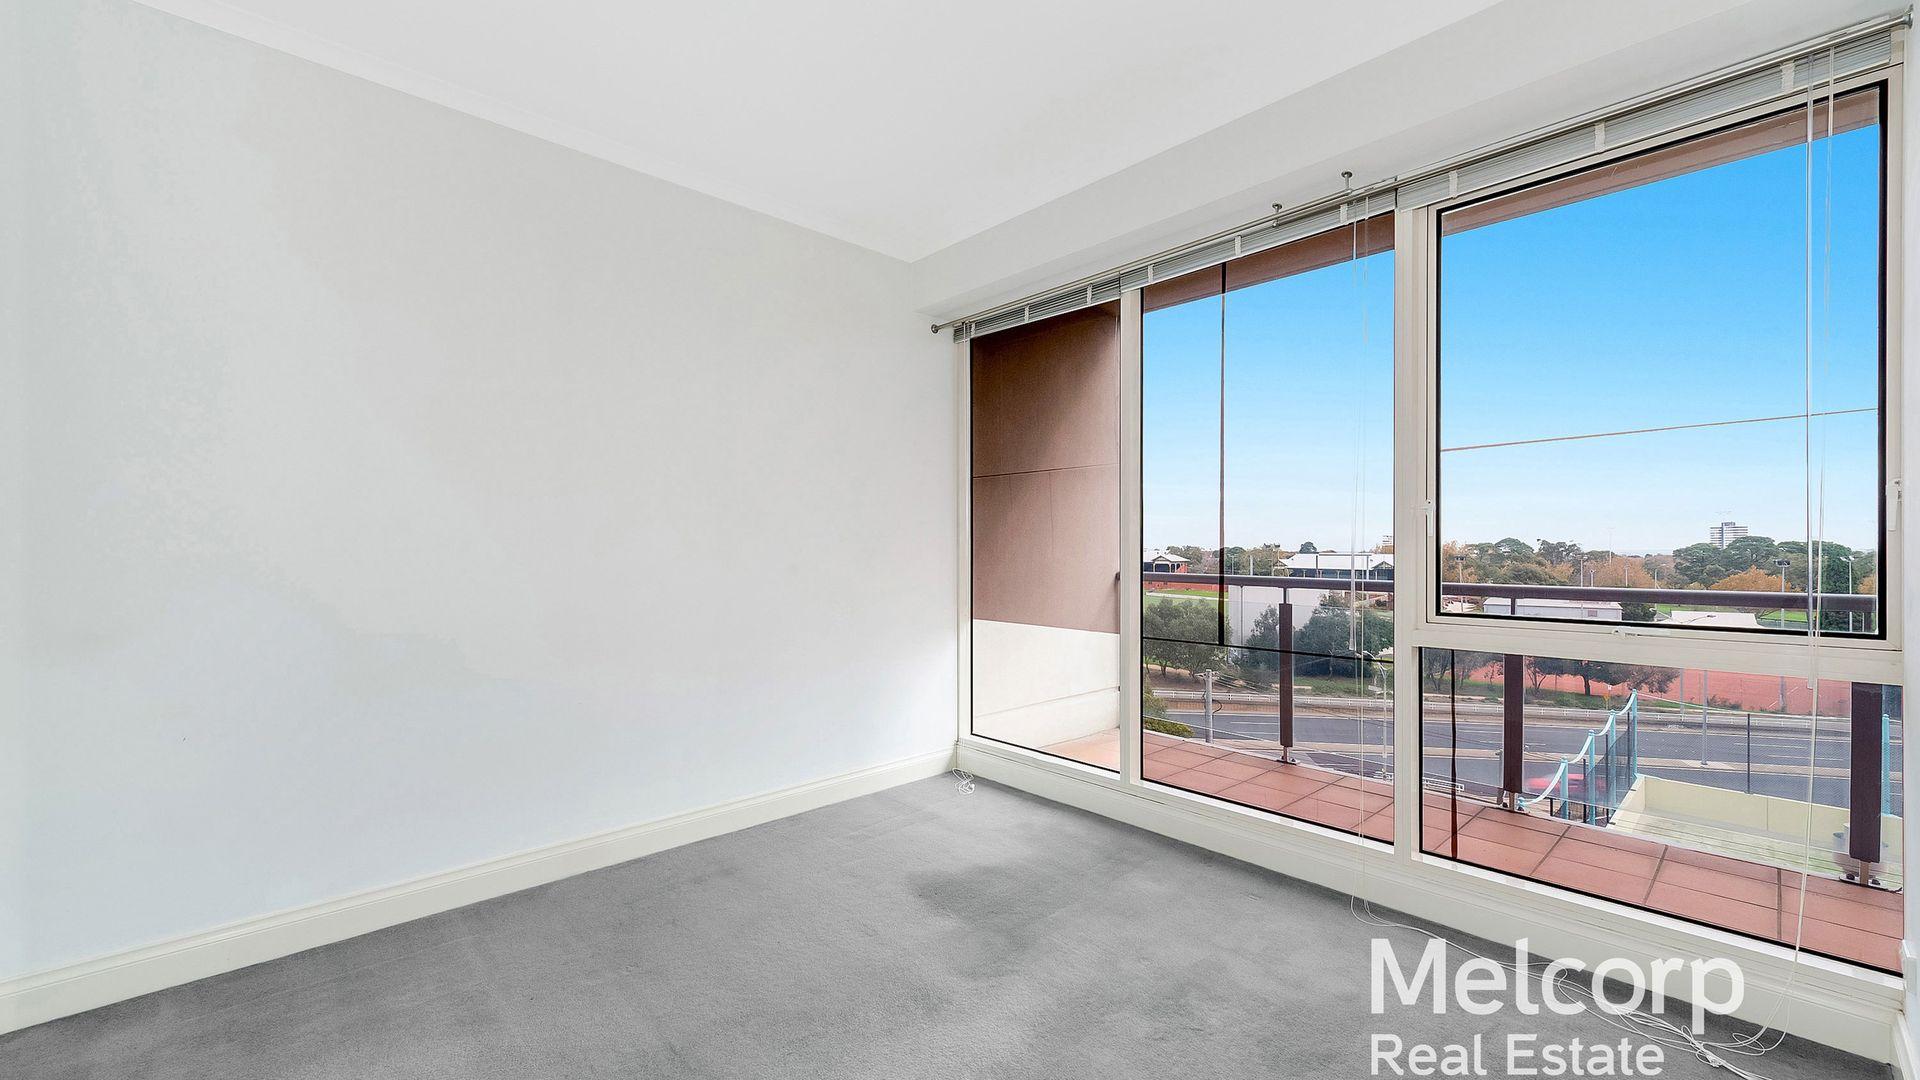 53/632 St Kilda Road, Melbourne 3004 VIC 3004, Image 2